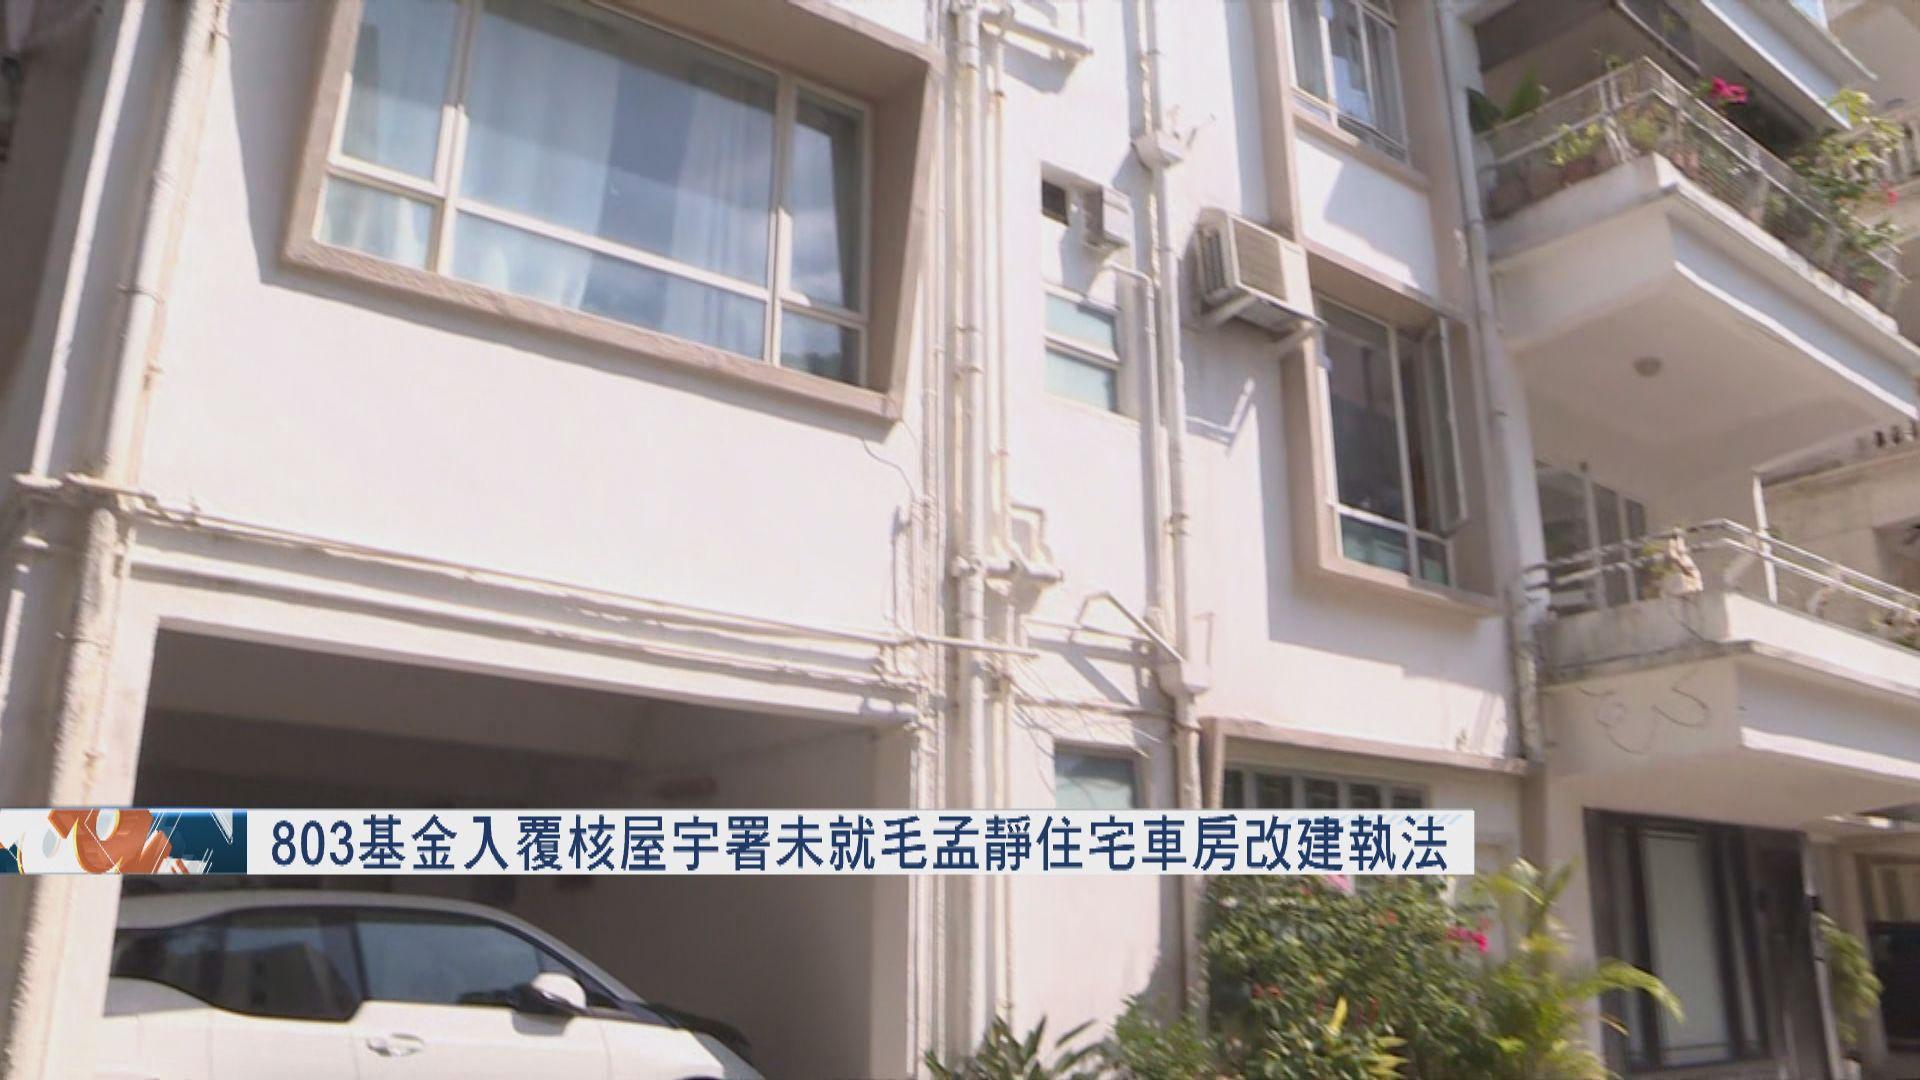 803基金入禀覆核屋宇署未就毛孟靜住宅車房改建執法